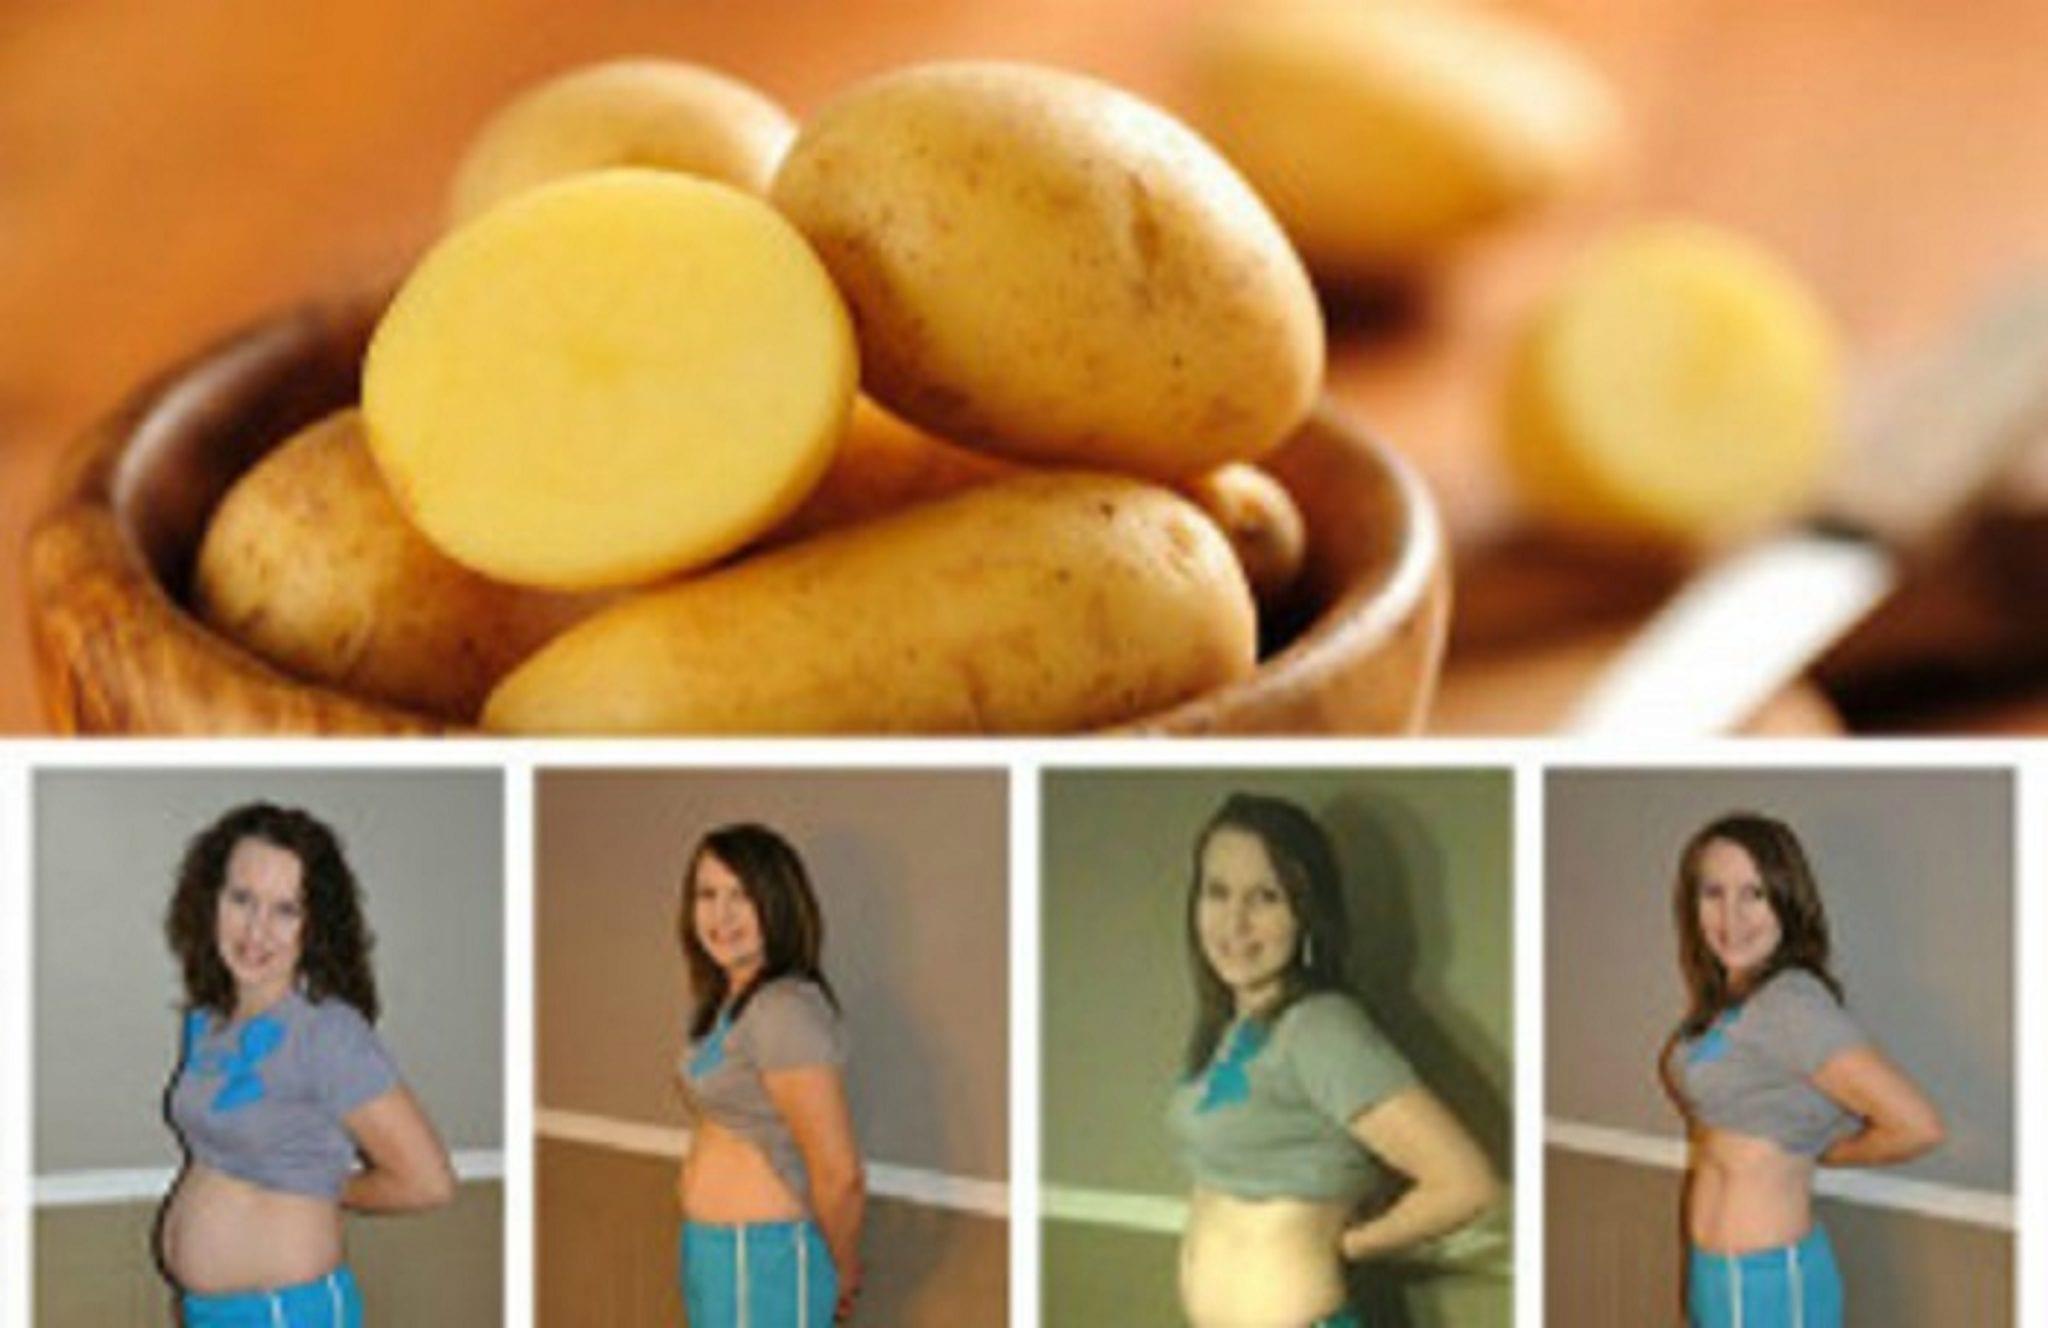 Как похудеть очень быстро без спорта и диет